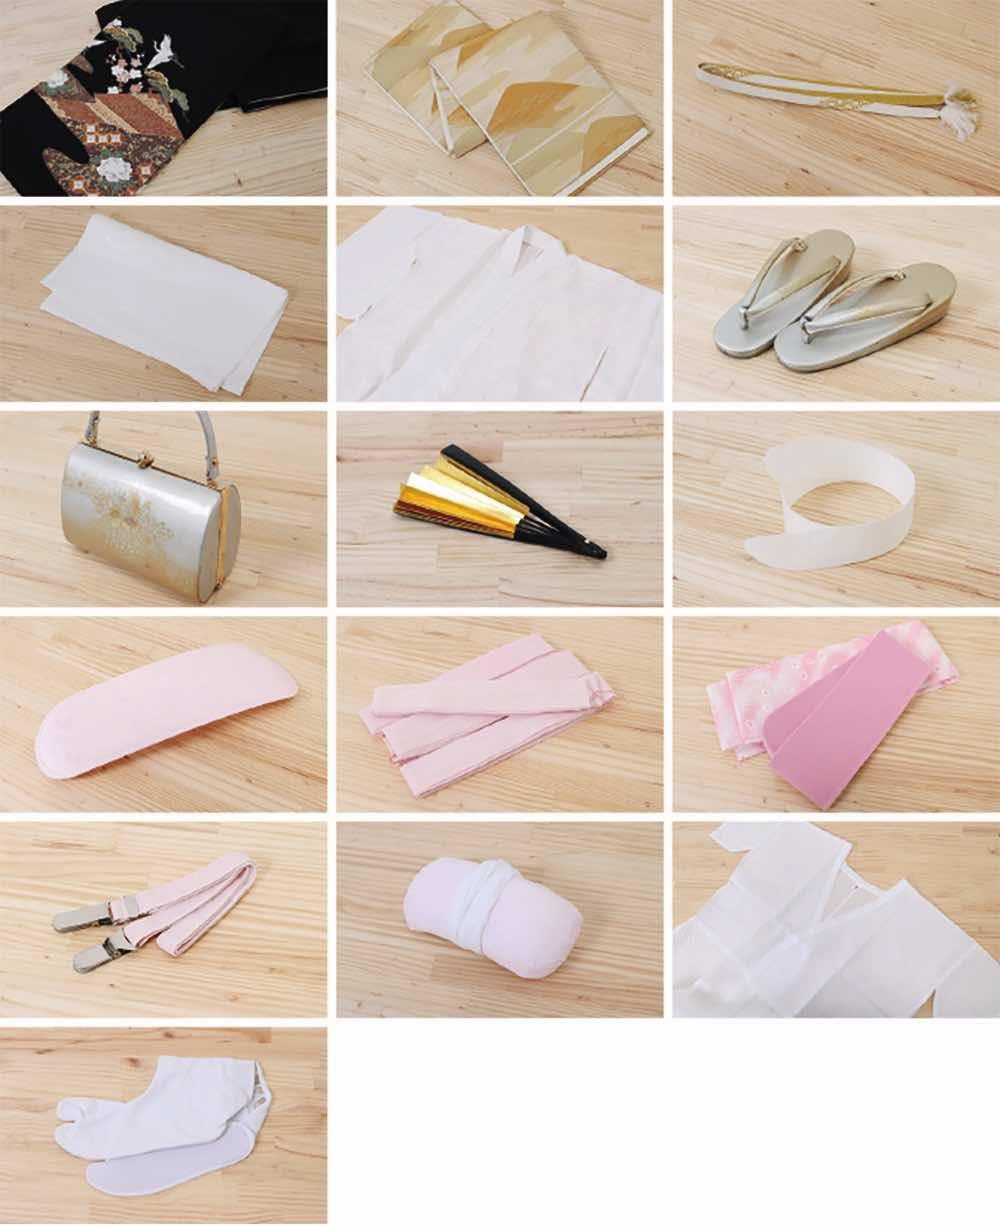 色留袖レンタル | ピンク地雲取り (三紋) のセット内容